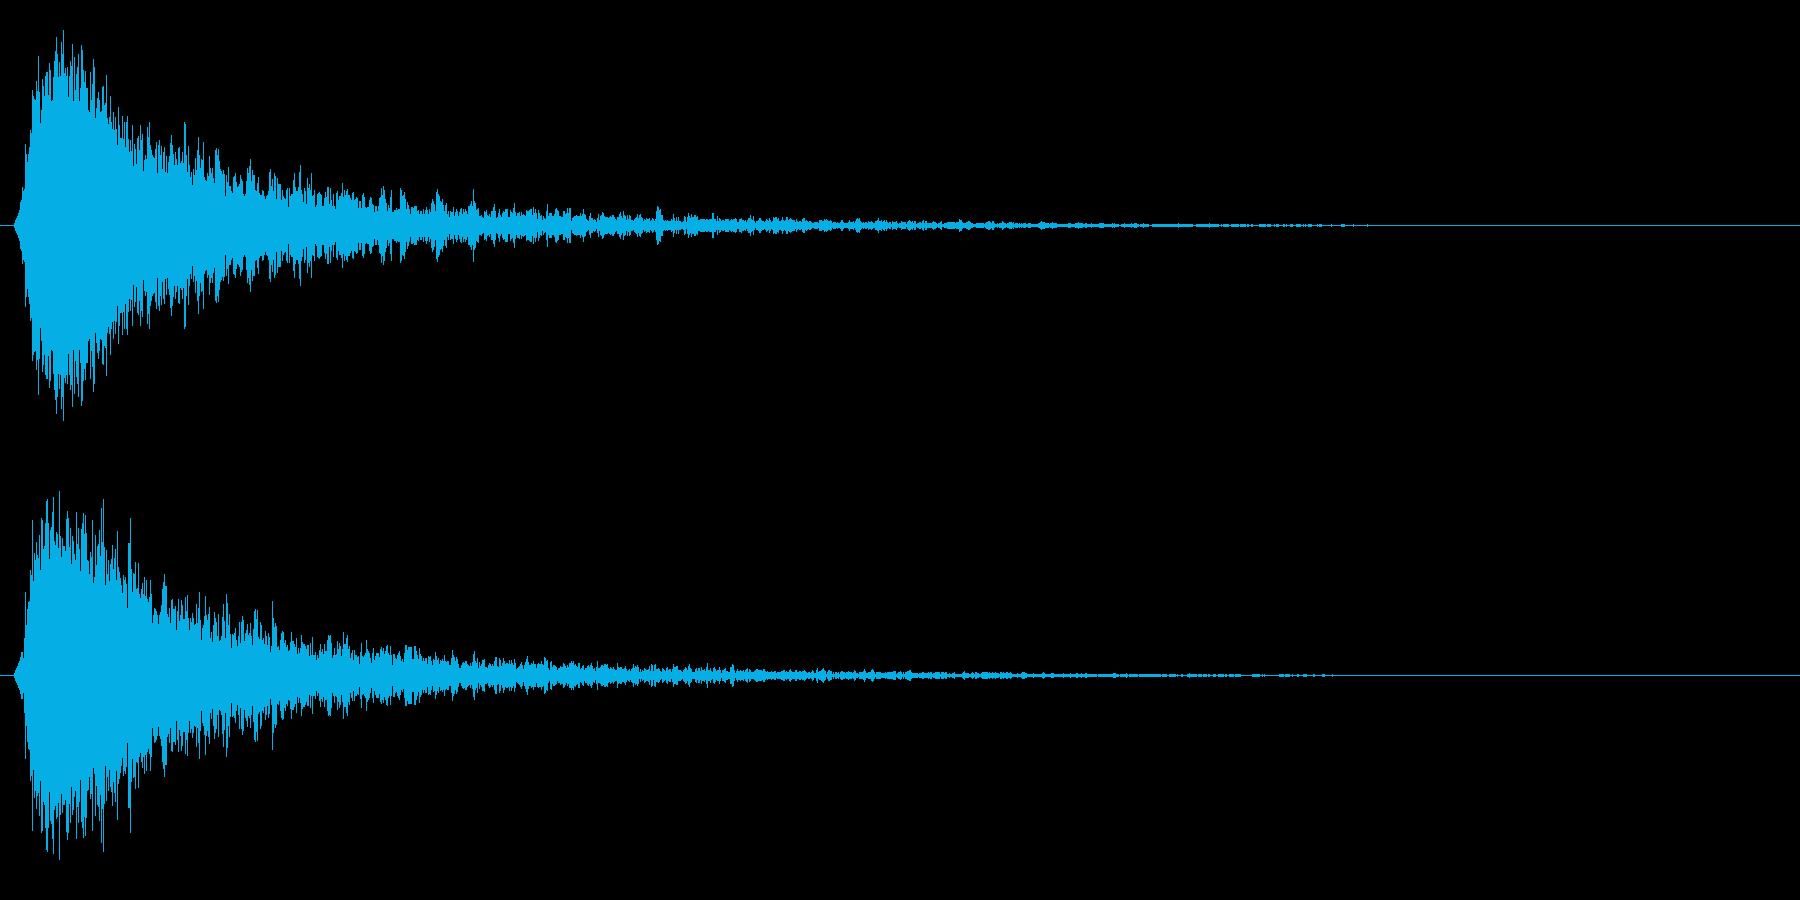 シャキーン!強烈なインパクト効果音3BVの再生済みの波形